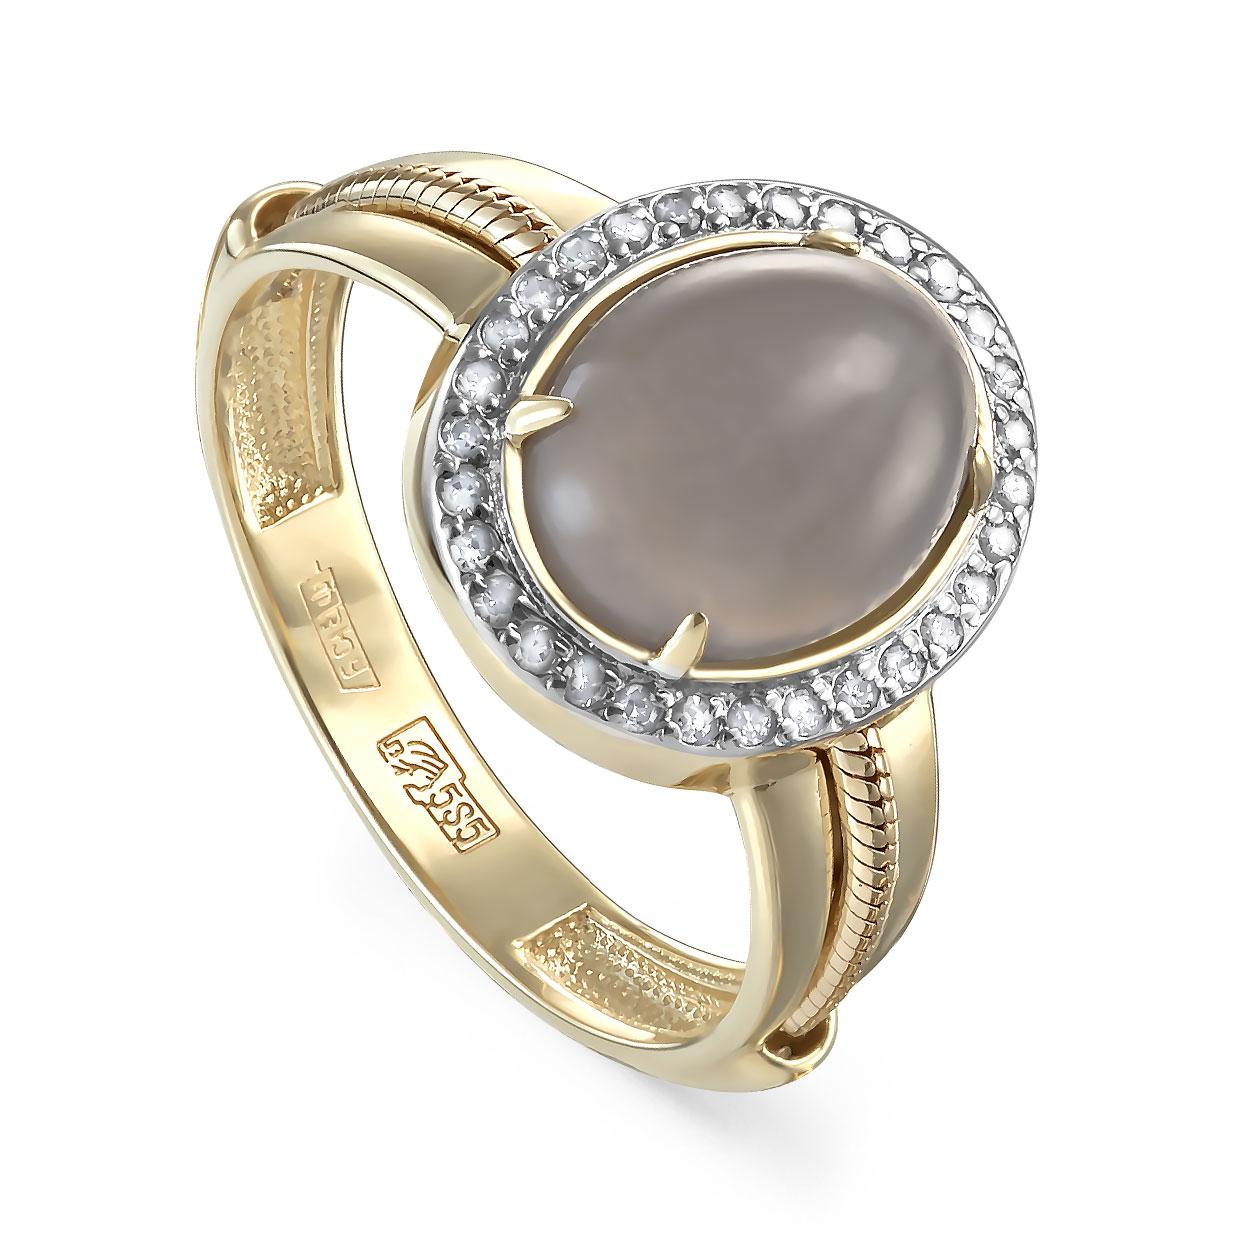 Кольцо из лимонного золота Бриллиант и Прочие арт. 11-21302-8700 11-21302-8700